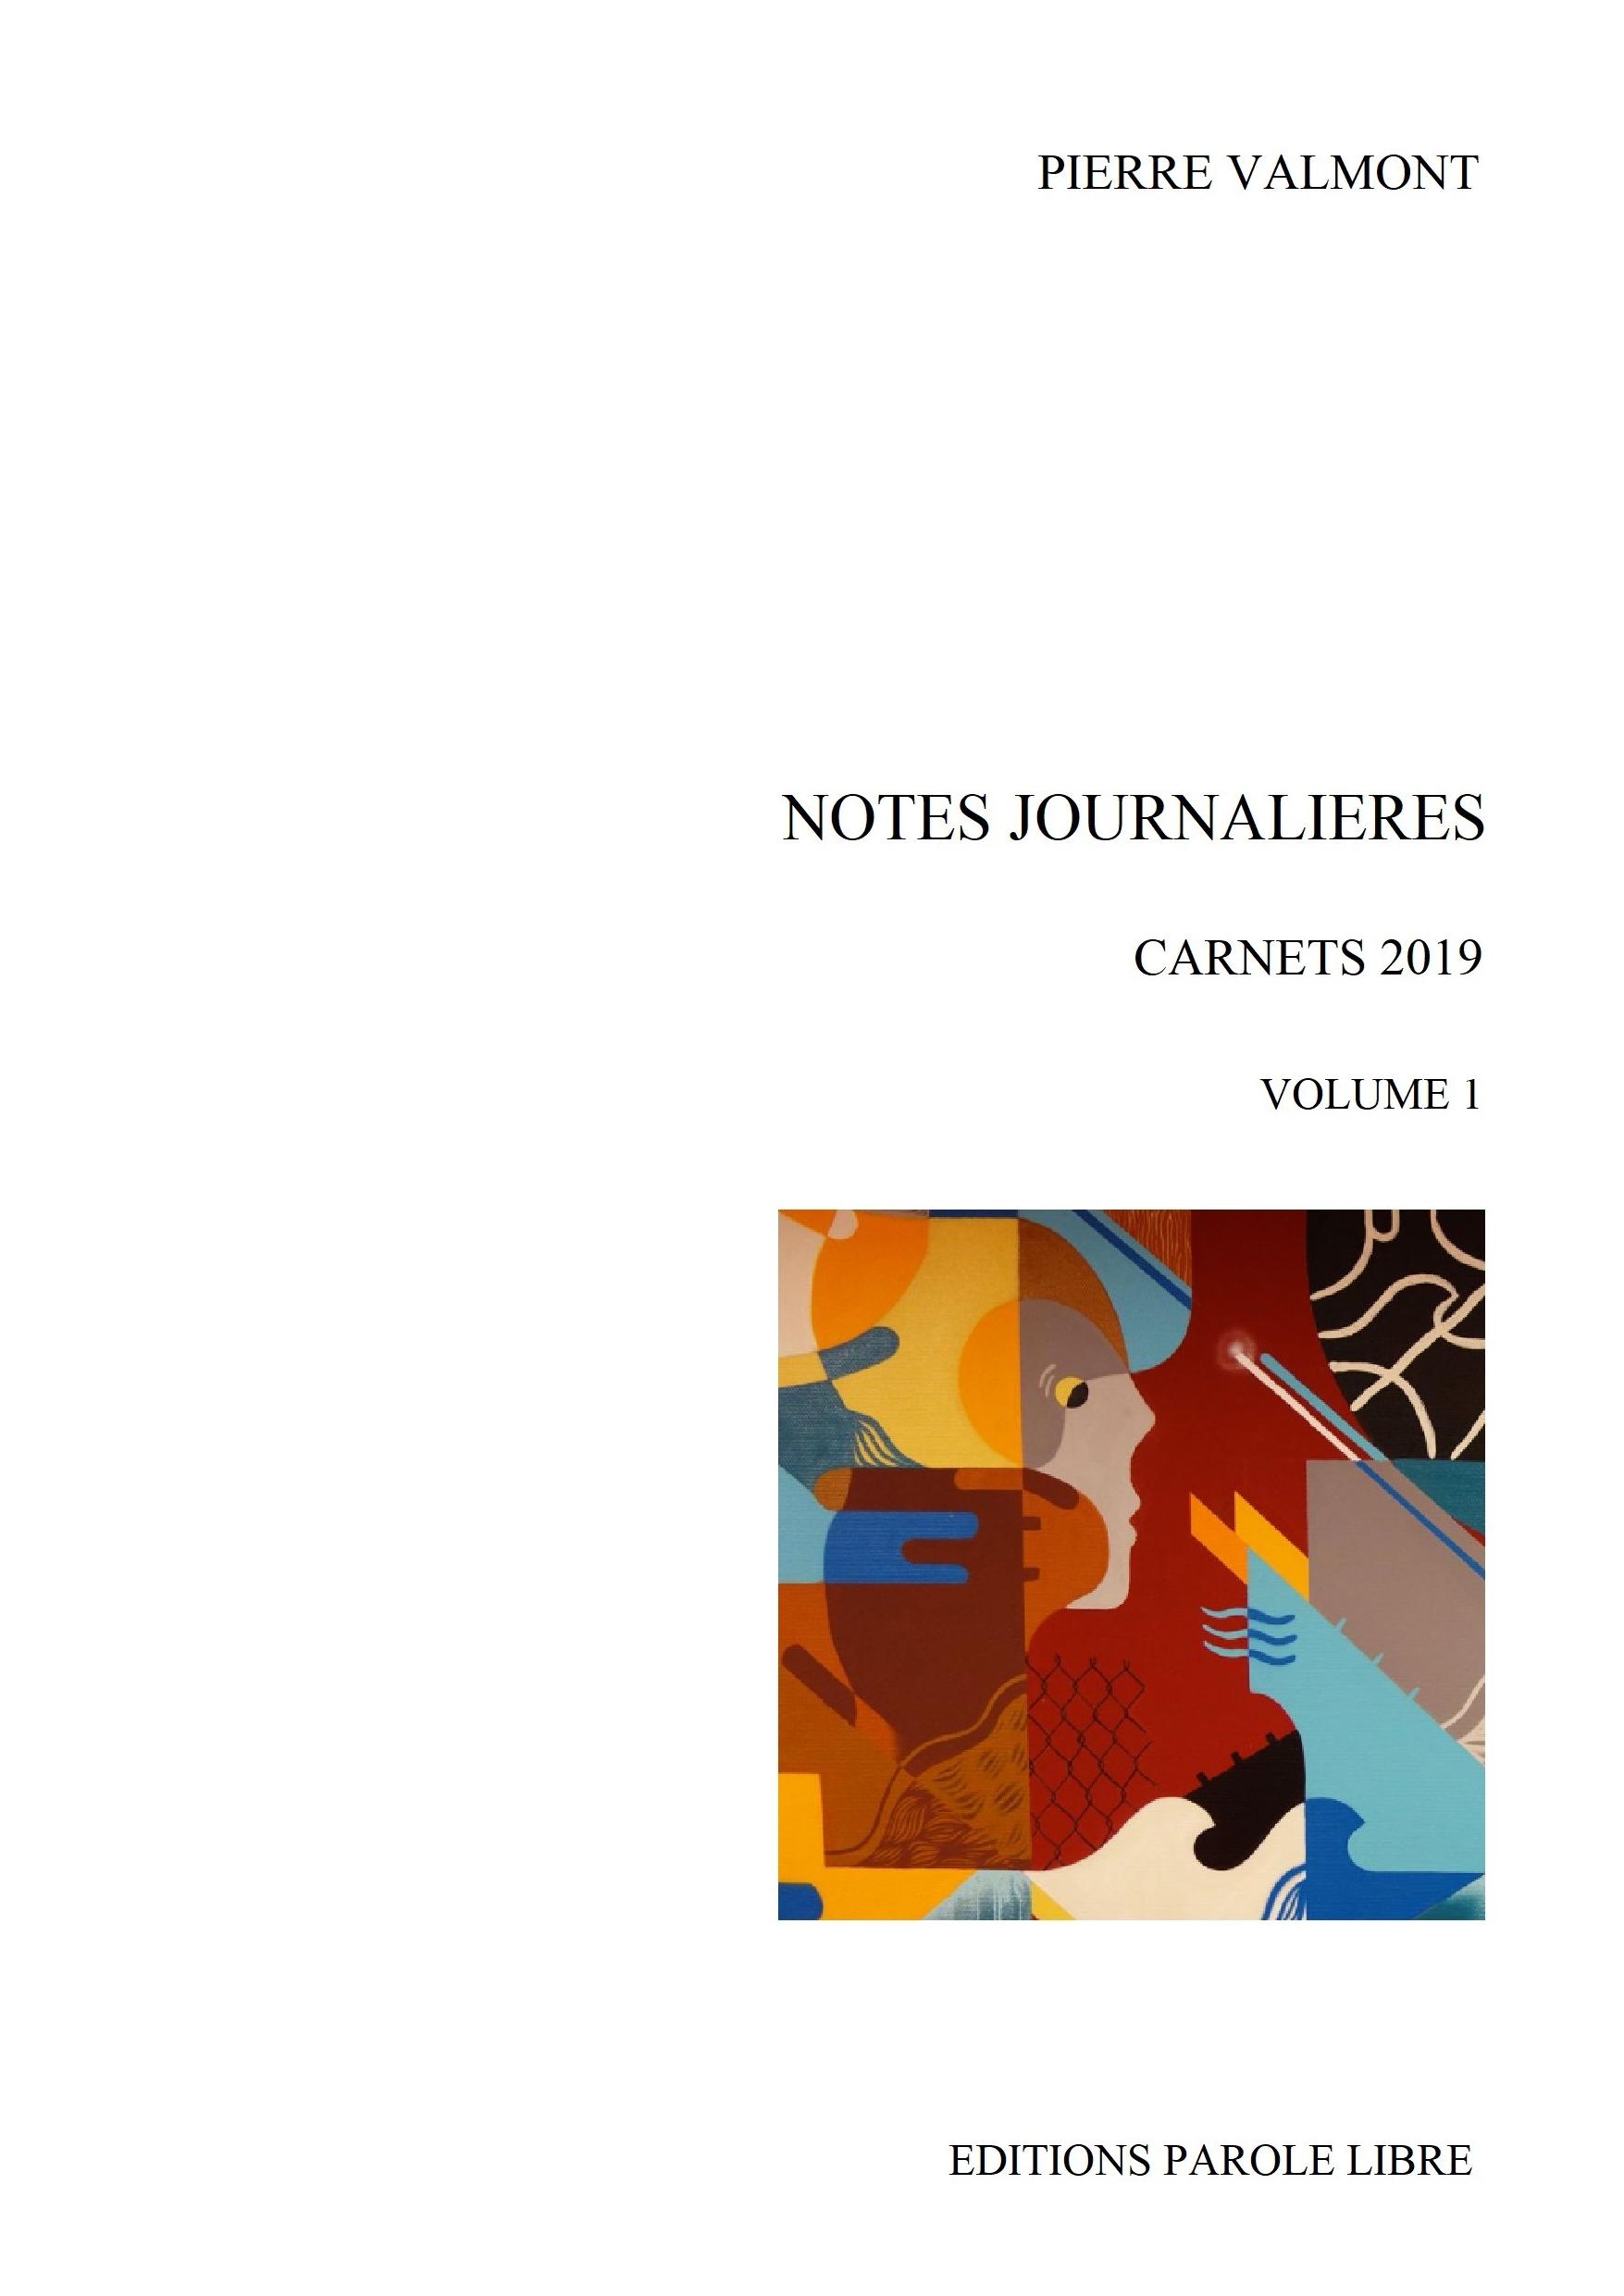 NOTES JOURNALIÈRES Carnets 2019 Vol 1